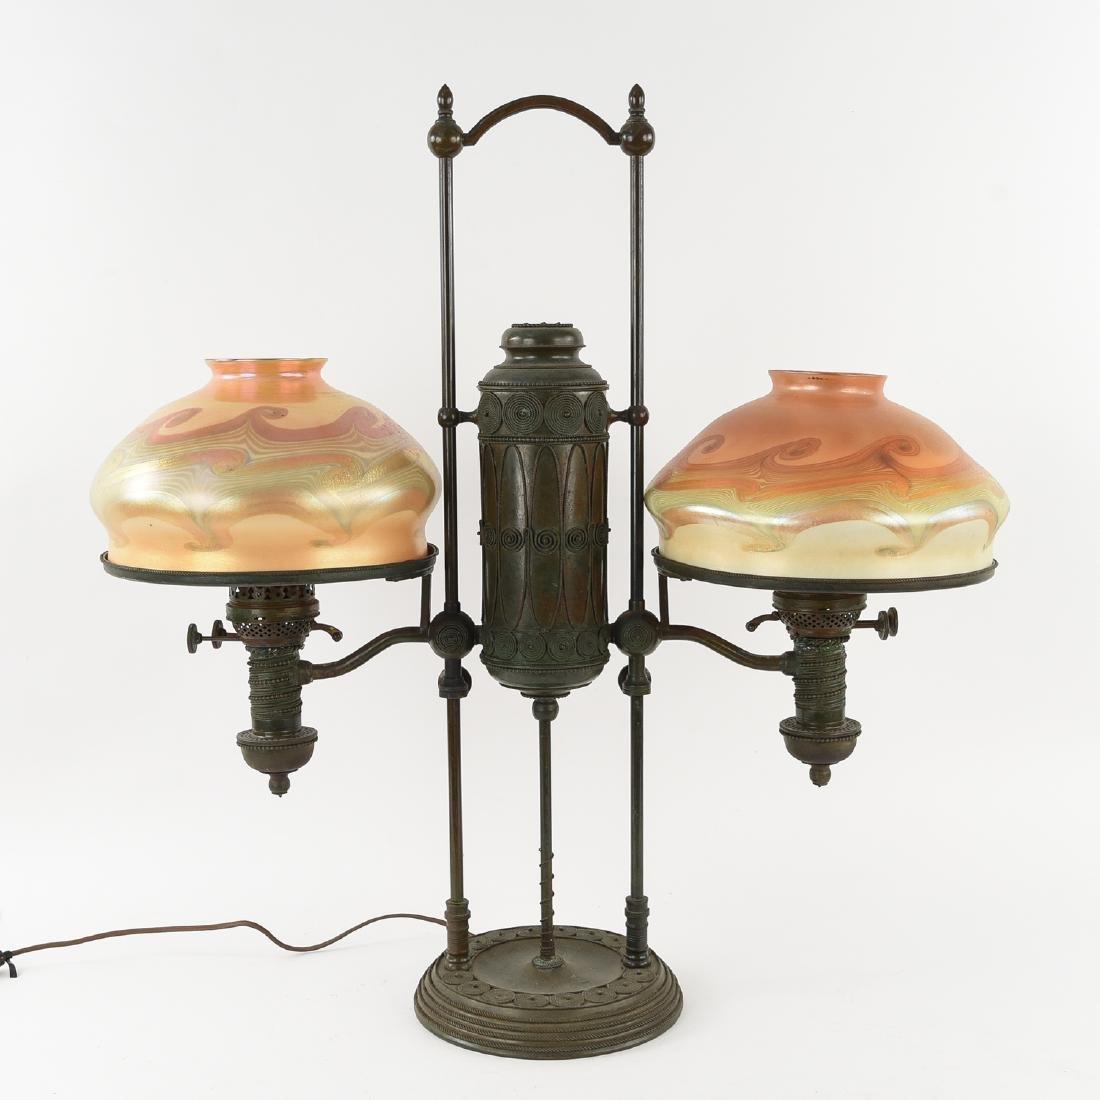 TIFFANY STUDIOS BRONZE DOUBLE STUDENT LAMP